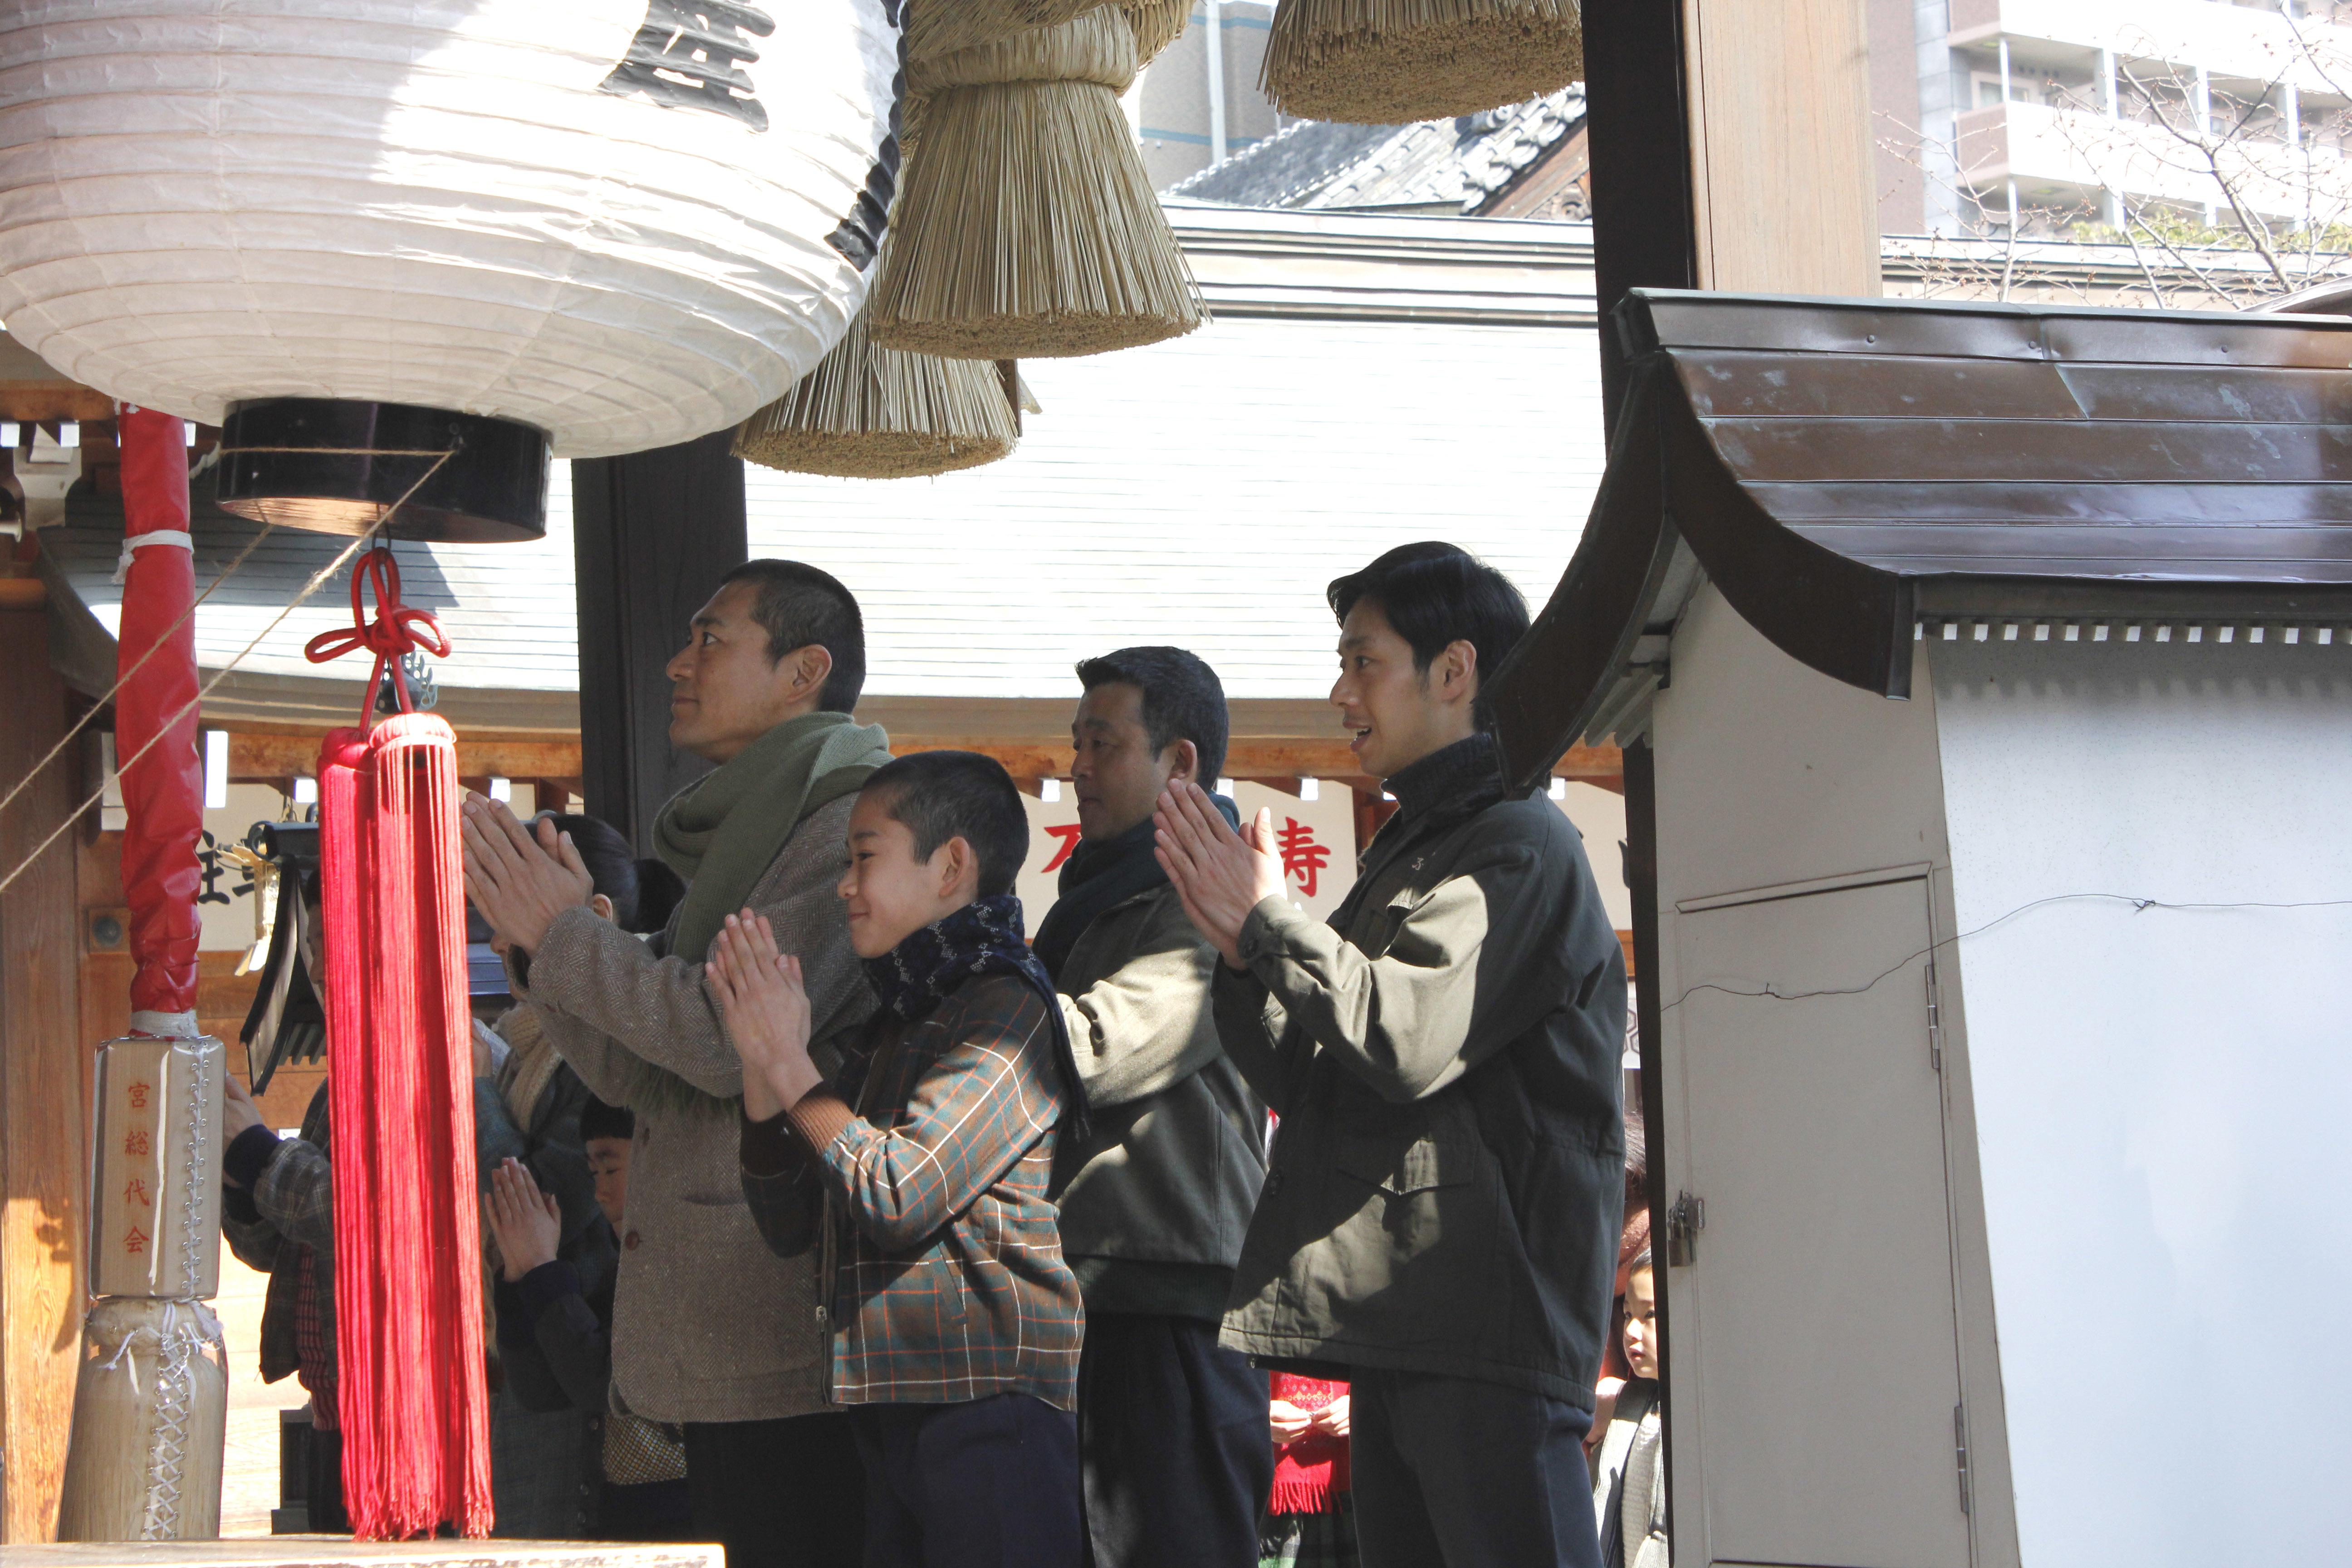 http://news.yoshimoto.co.jp/20180313205556-790e1e642c6b86cded9d3f3f32b245e3d78fd9e1.jpg